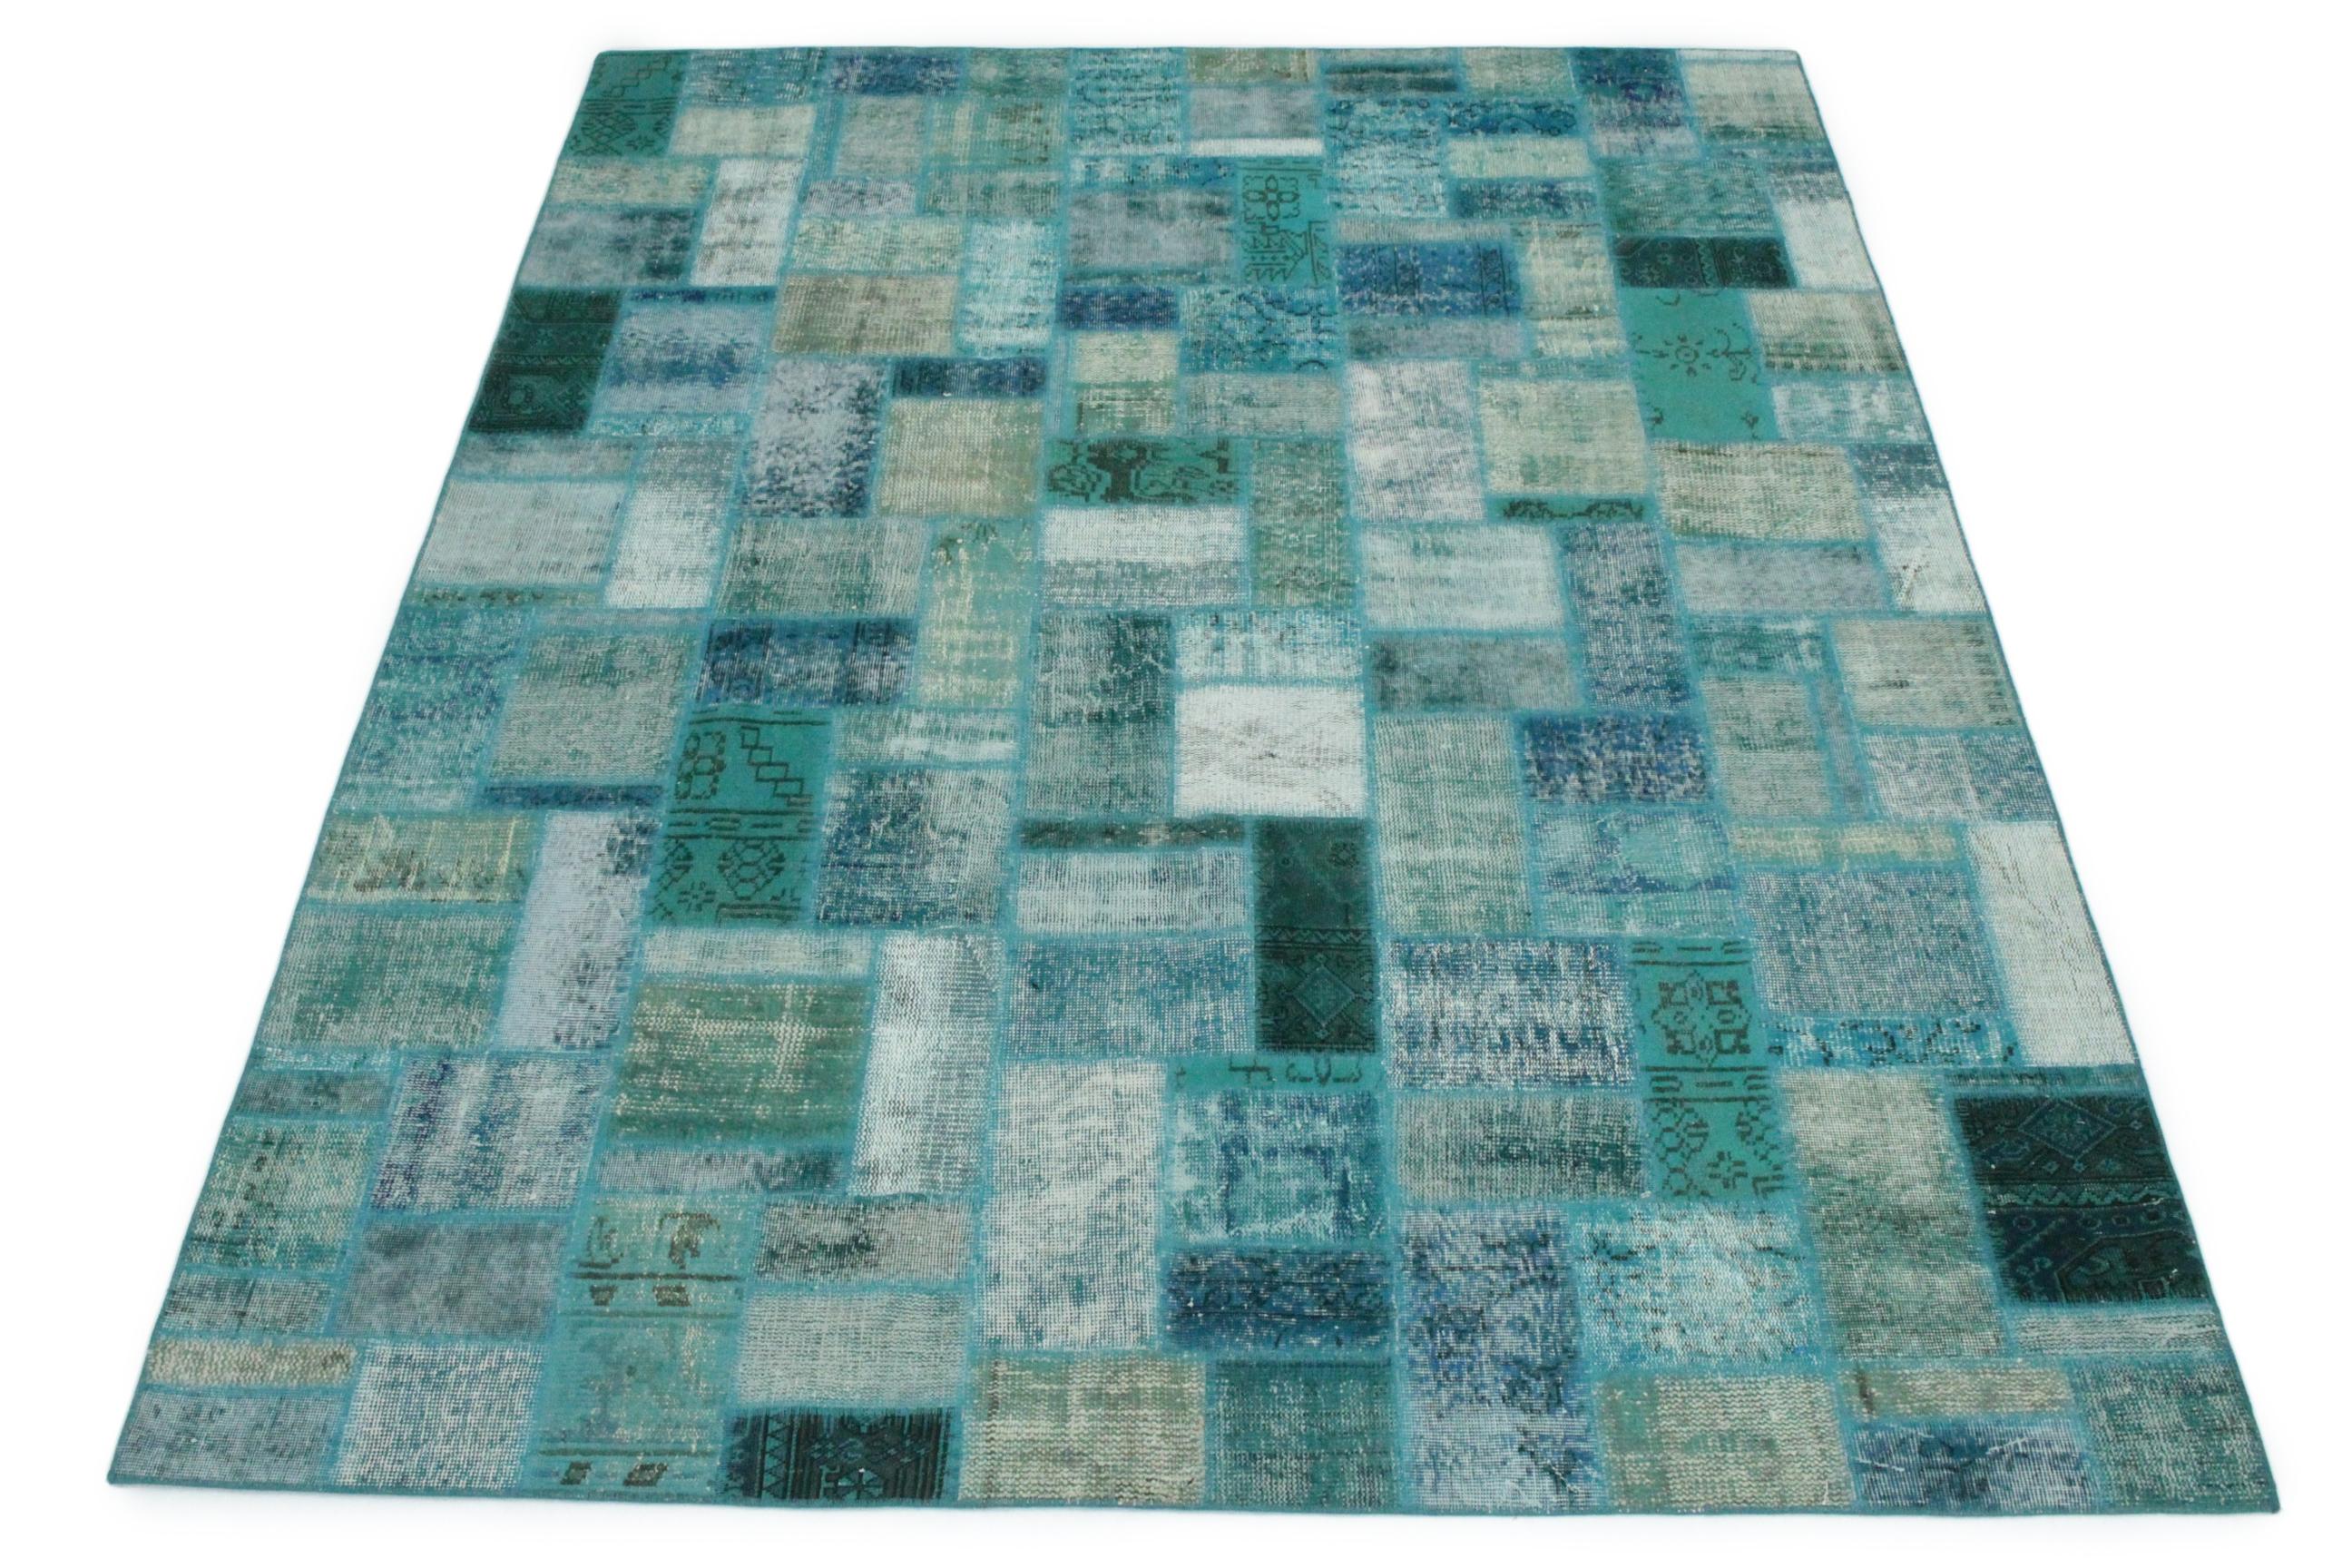 teppich trkis grau amazing cool teppich und beste ideen von kurzflor in trkis grau grn teppiche. Black Bedroom Furniture Sets. Home Design Ideas